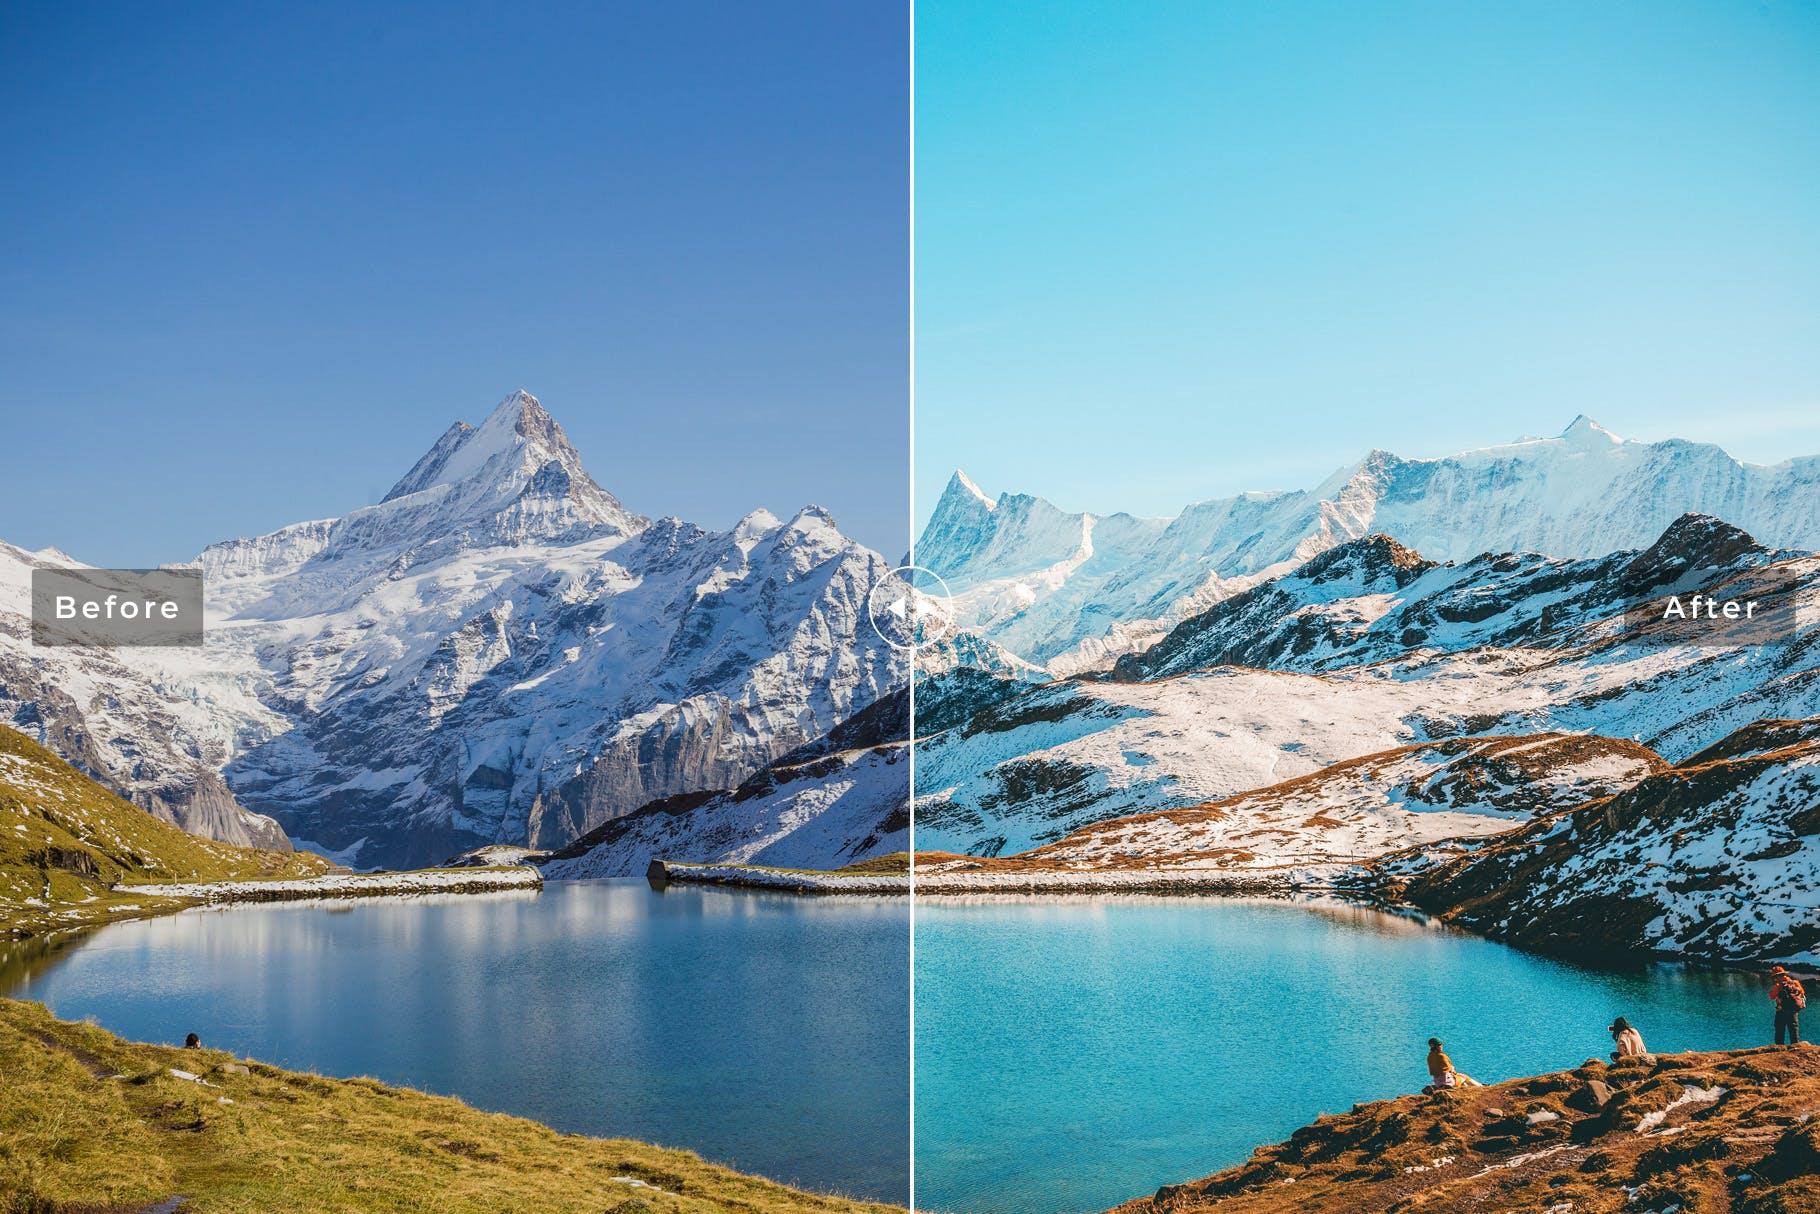 LR调色预设低对比度哑光照片效果 Grindelwald Mobile & Desktop Lightroom Presets设计素材模板